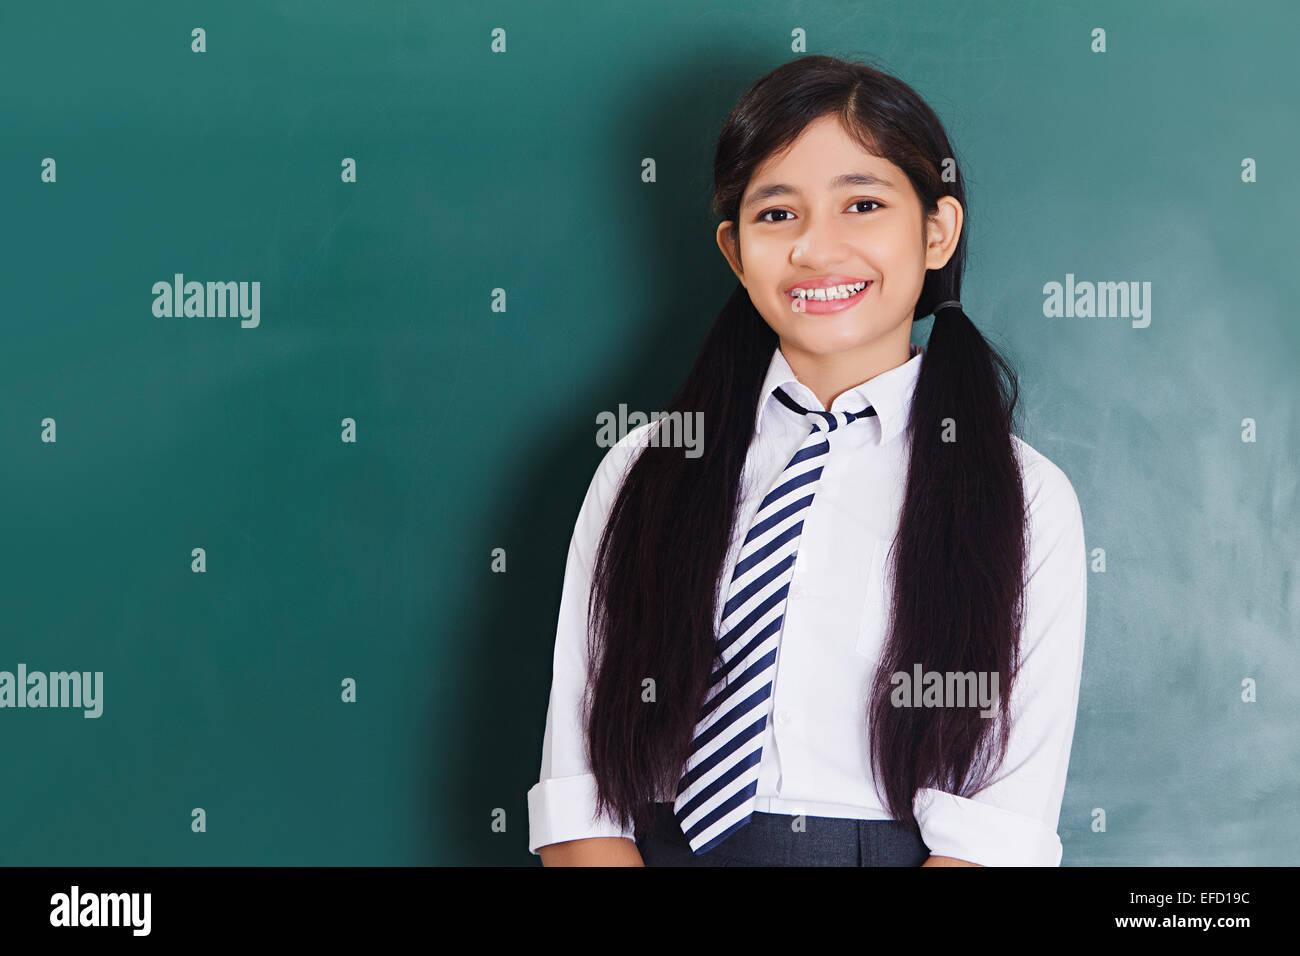 indischen teen flach chested girls